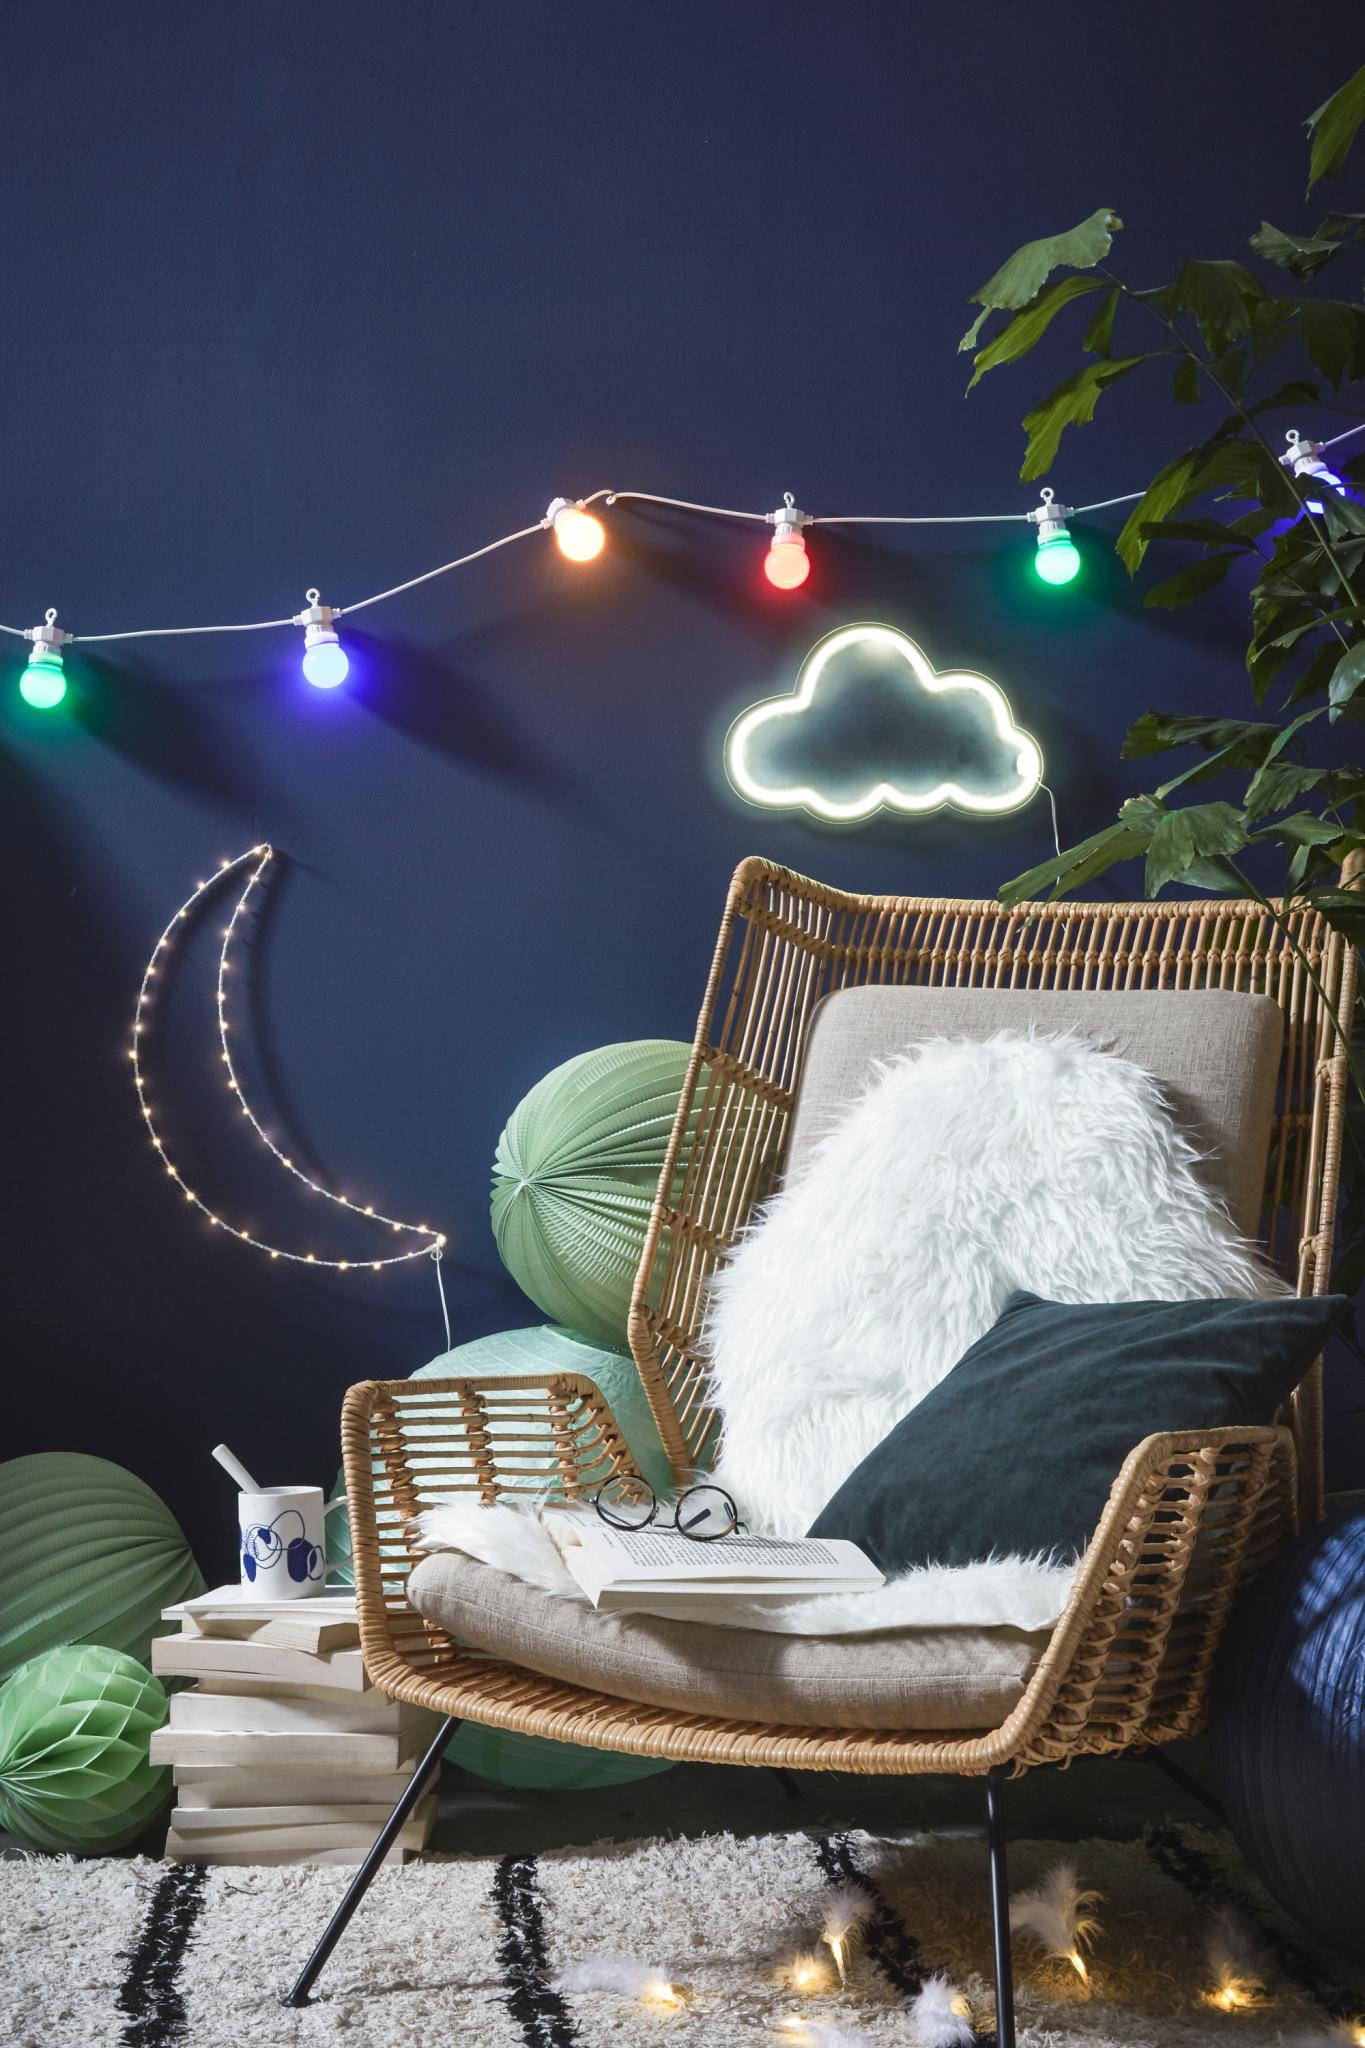 décoration hygge tendance 2018 décoration mur bleu jeans denim néon lune nuage lampion